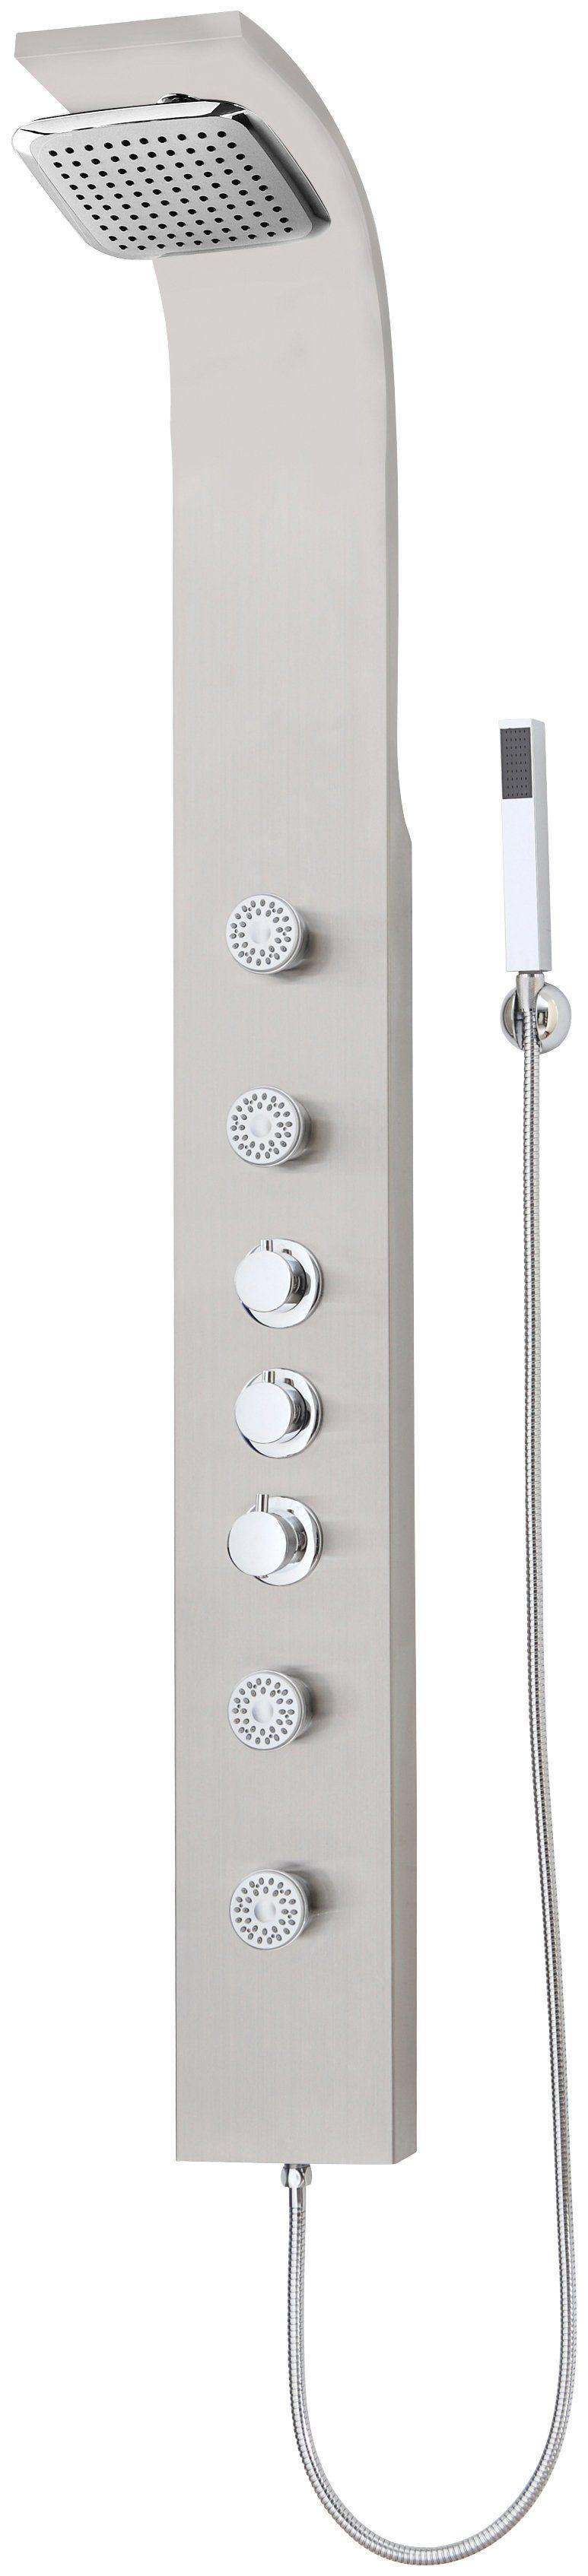 Edelstahl-Duschsystem »Duschsäule Dusche Überkopfbrause«